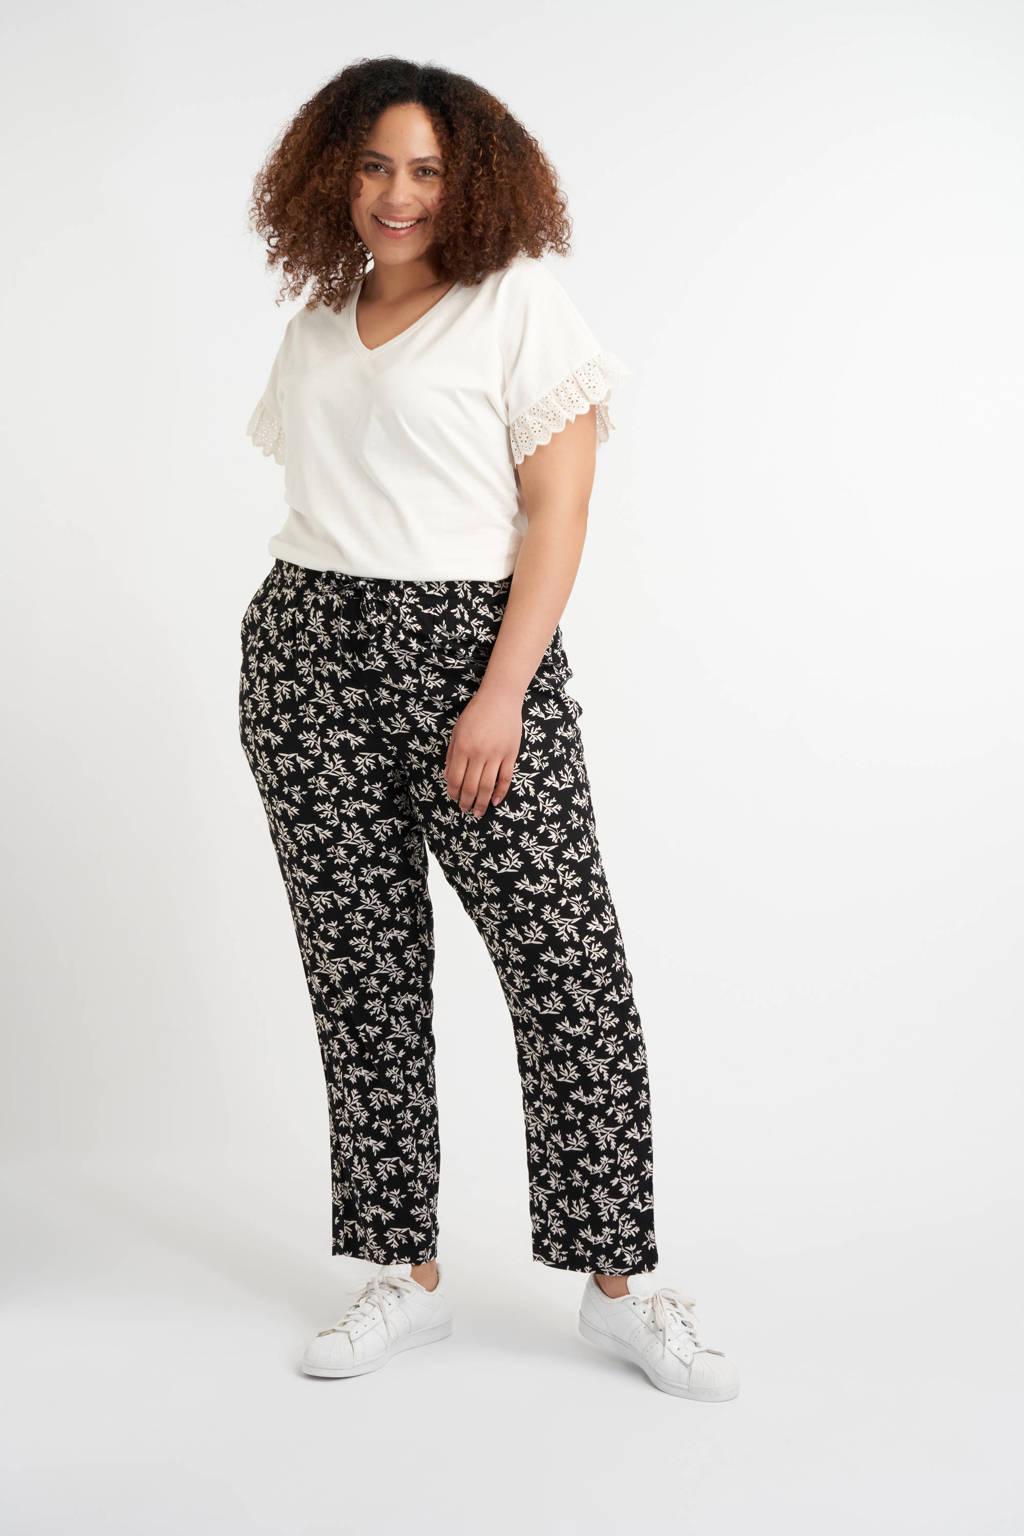 MS Mode gebloemde loose fit broek zwart/wit, Zwart/wit